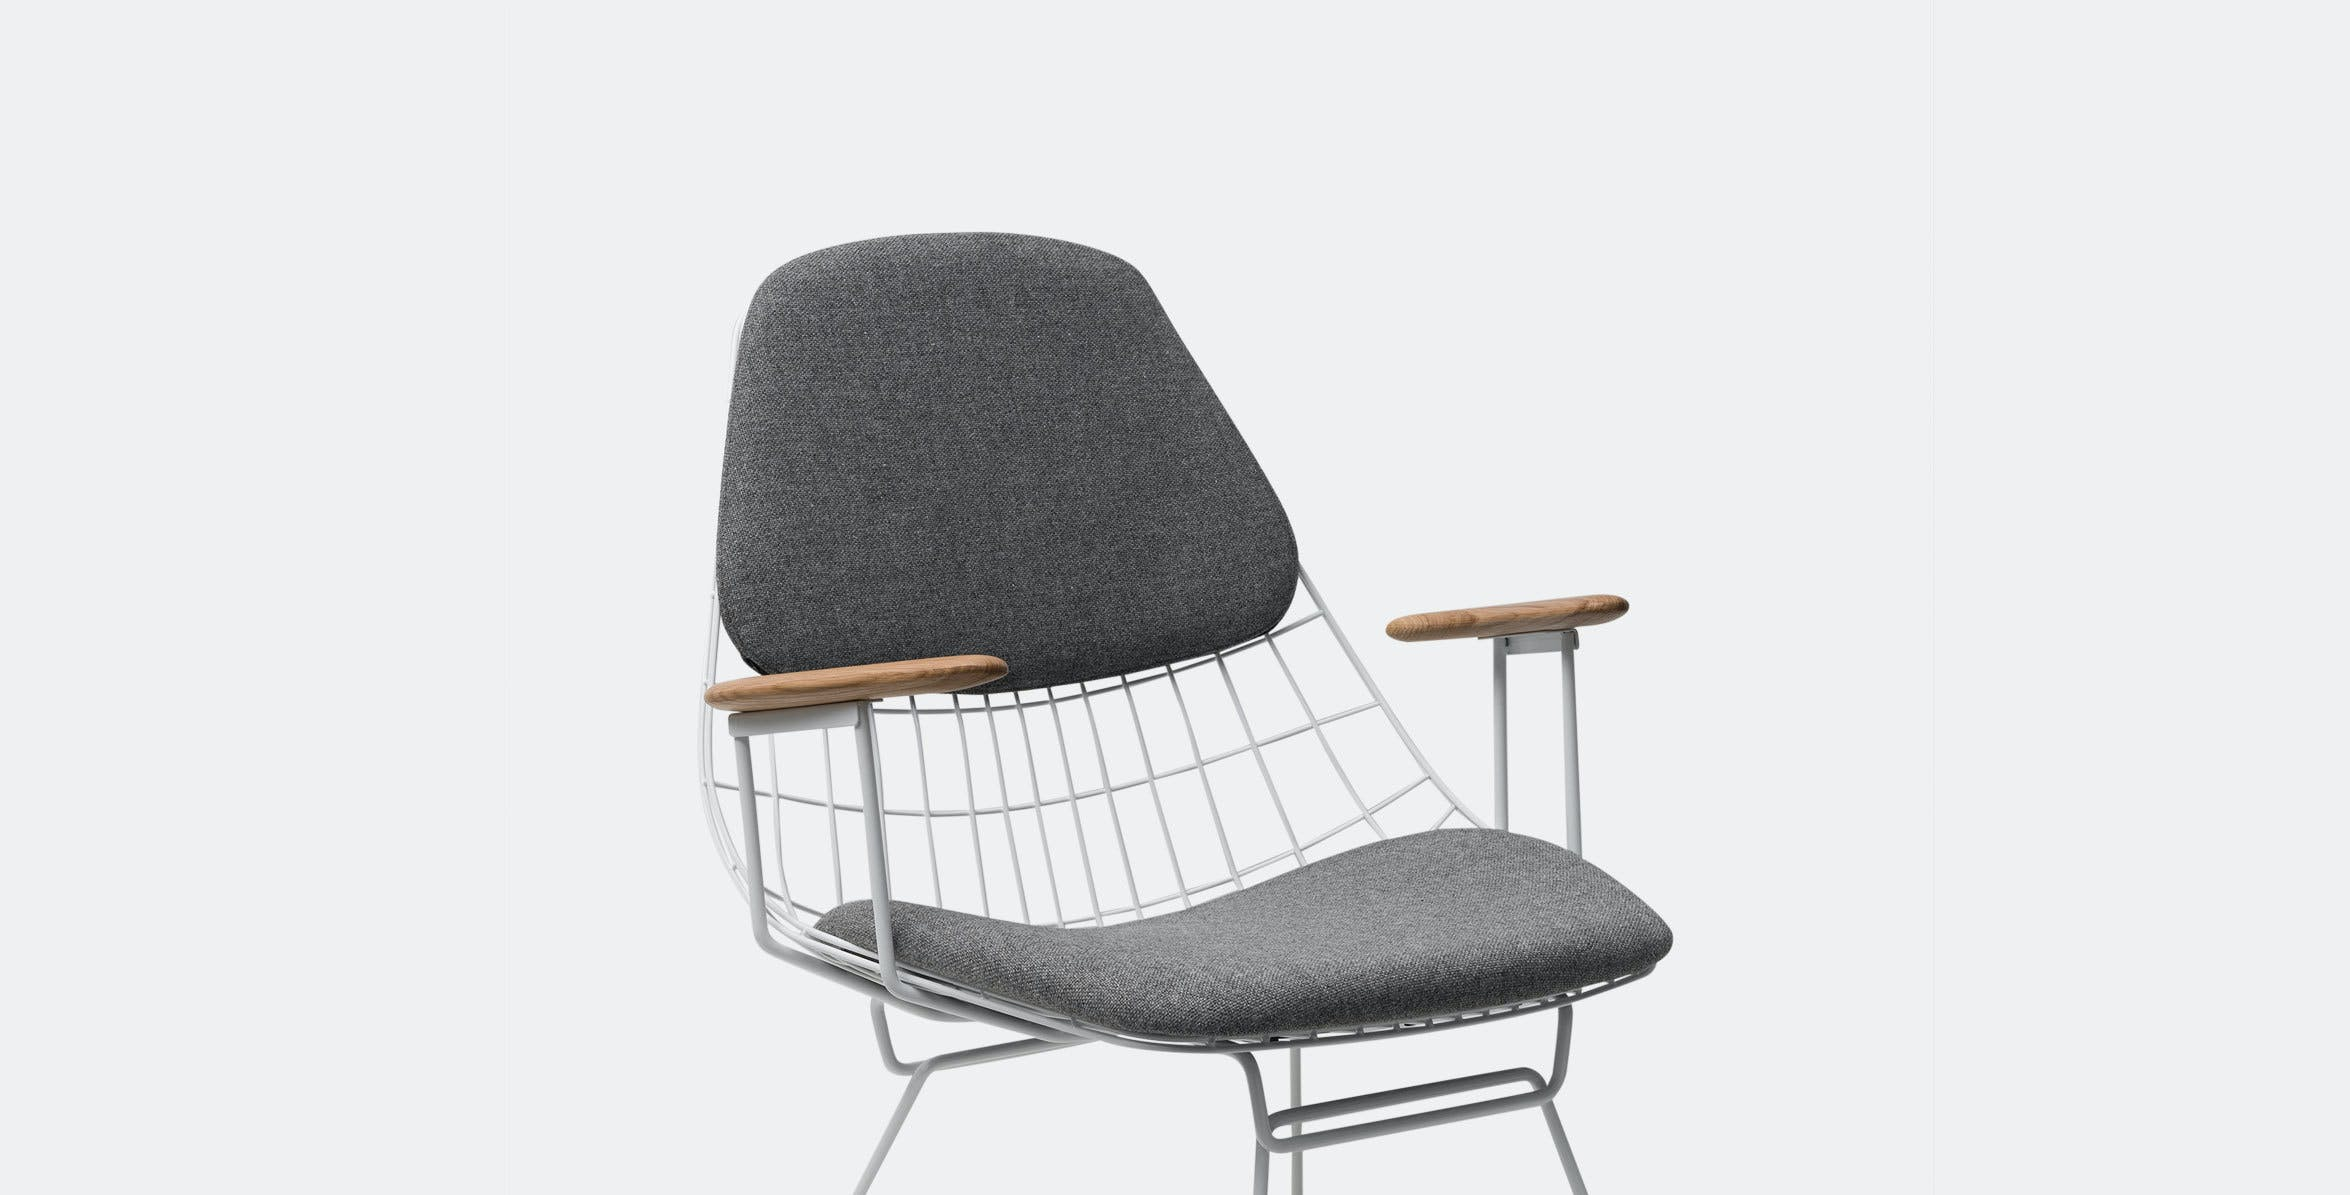 Designer Cees Braakman